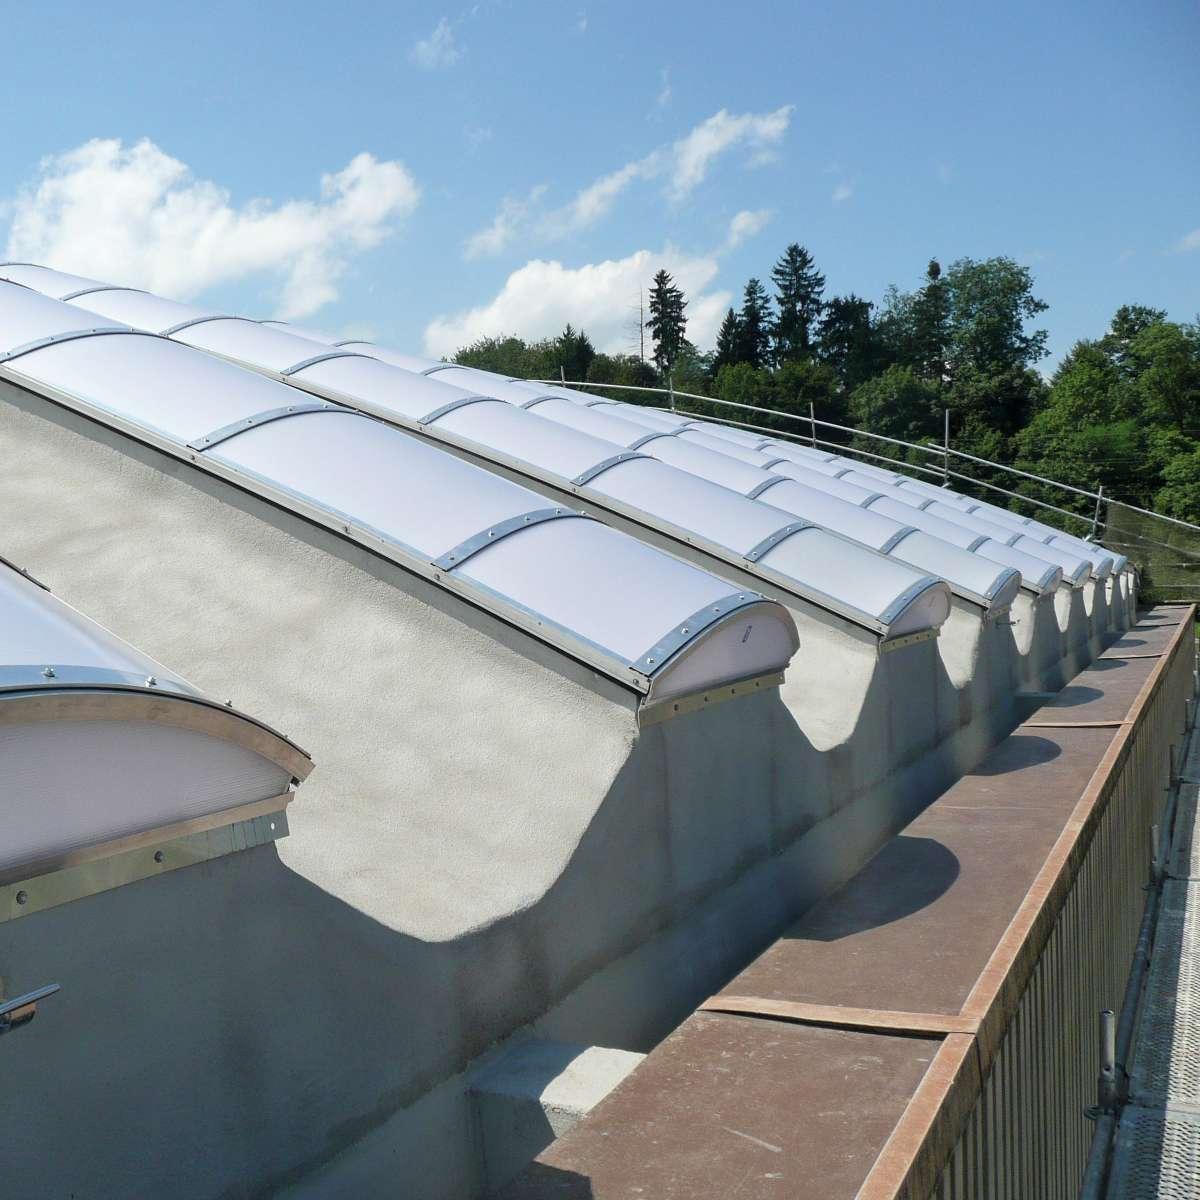 Steeltec AG | Emmenbrücke, Schweiz • Lichtbänder montiert auf gebogenen Betonfertigteilen.